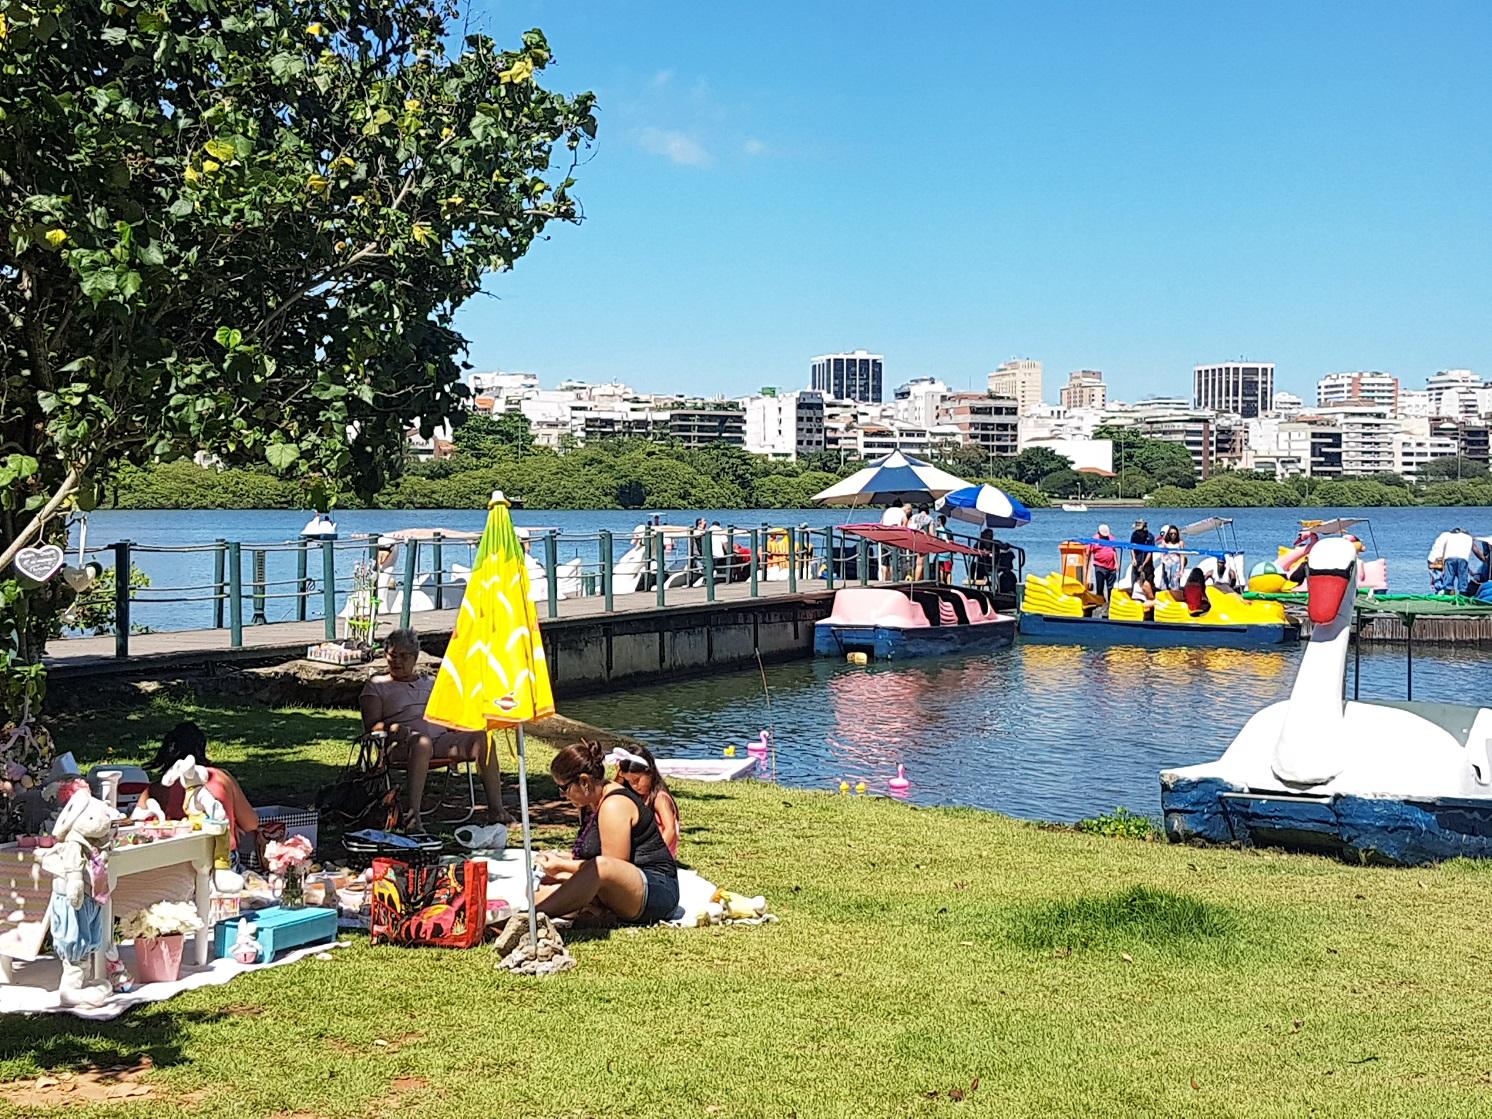 No domingo de sol, o movimento no entorno é grande, mas ainda assim há menos cariocas ali do que nos carros engarrafados ao redor. Foto Oscar Valporto